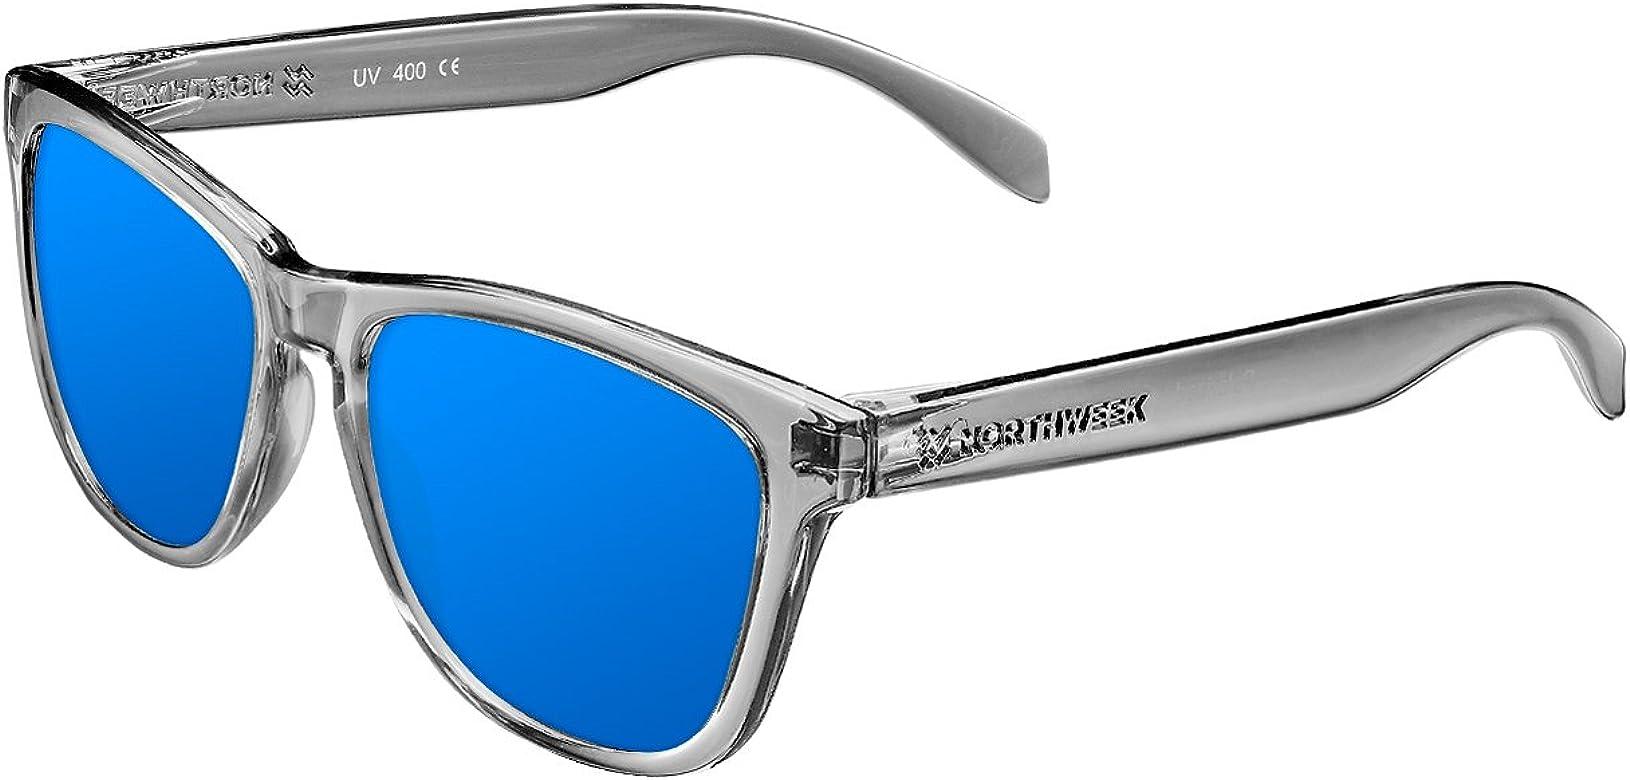 Northweek Regular Jolla - Gafas de Sol para Hombre y Mujer ...